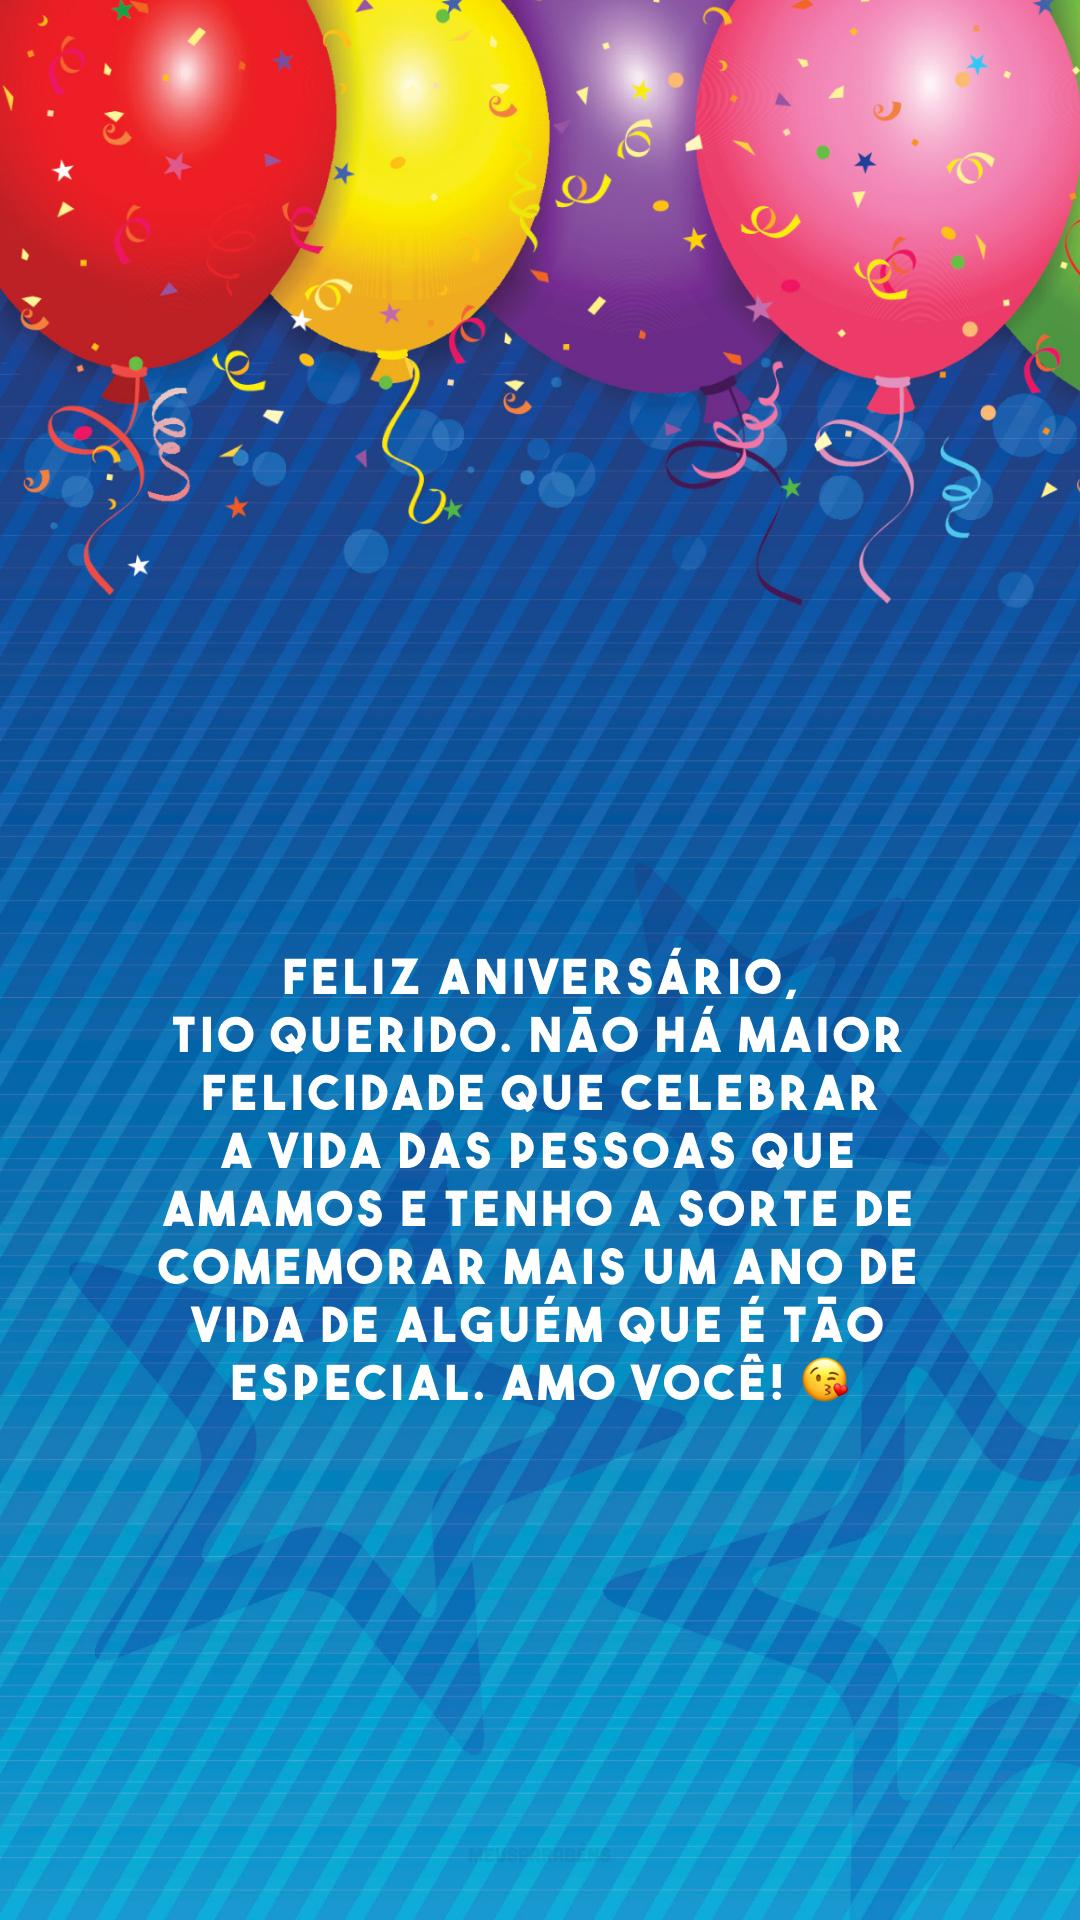 Feliz aniversário, tio querido. Não há maior felicidade que celebrar a vida das pessoas que amamos e tenho a sorte de comemorar mais um ano de vida de alguém que é tão especial. Amo você! 😘